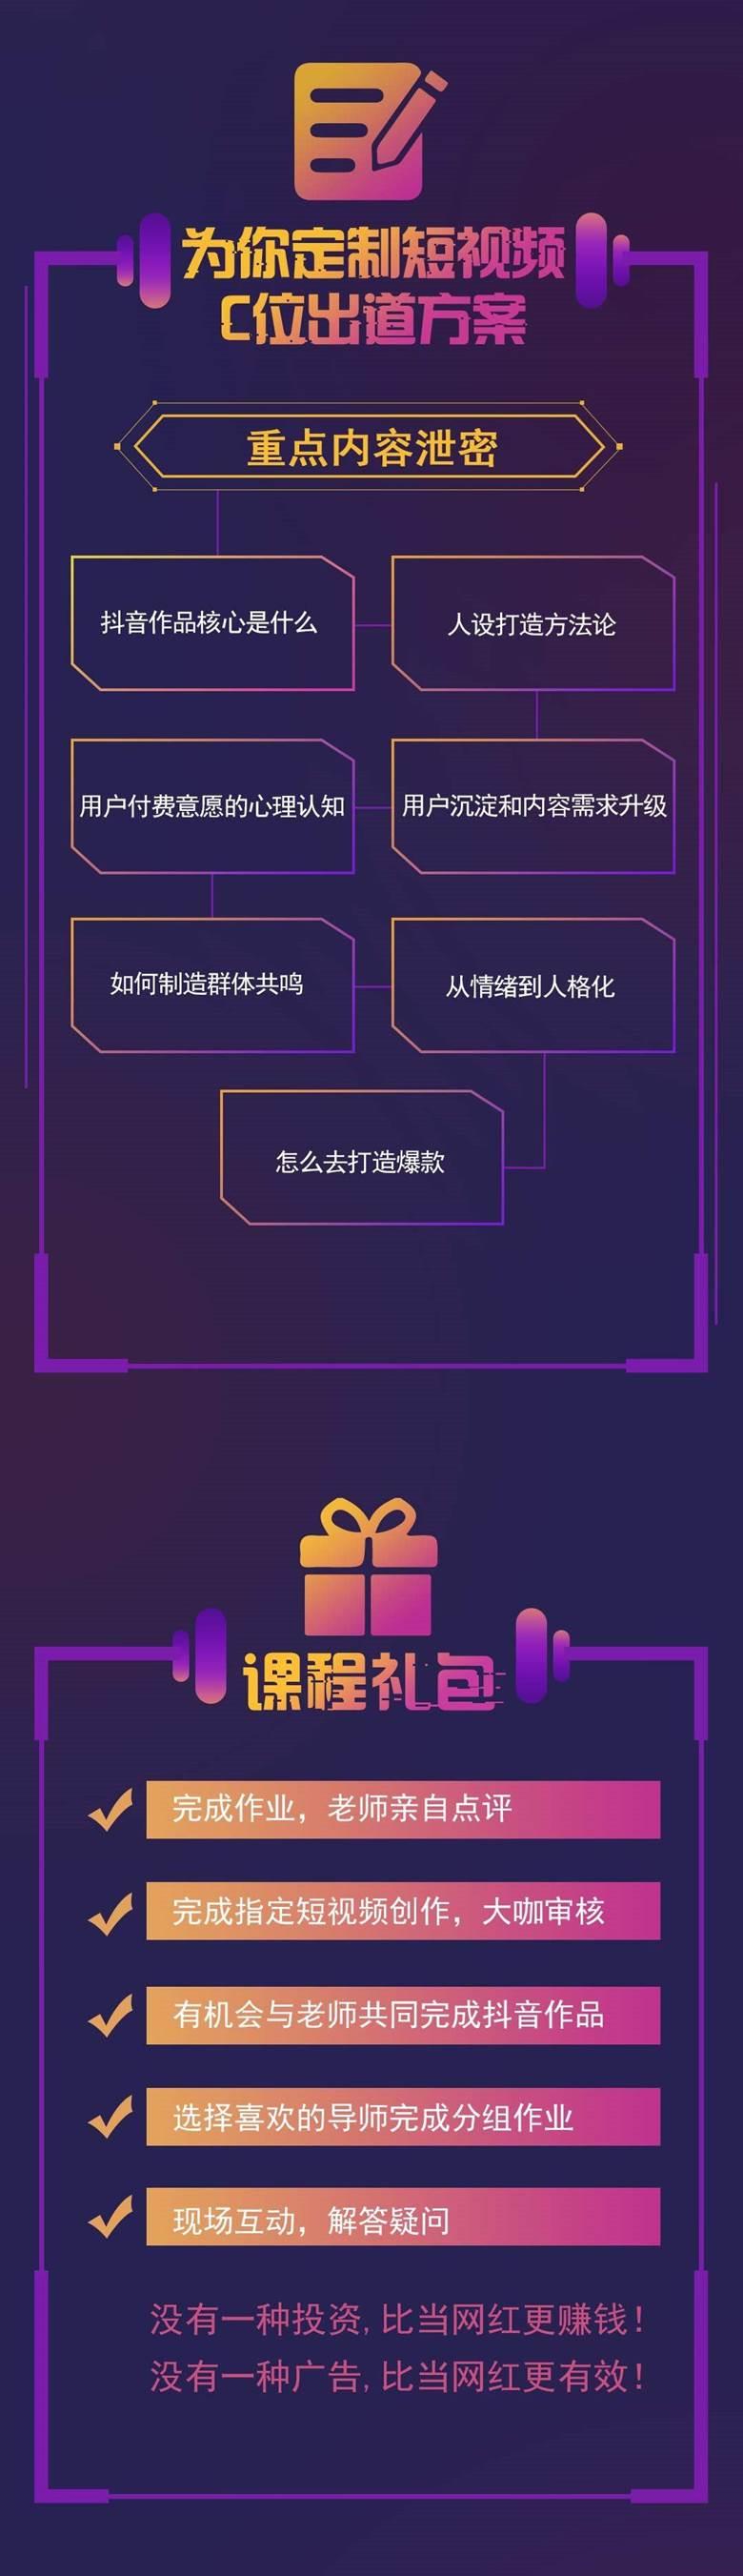 1-19-活动行-杭州-专题页(改版)-1_02.jpg